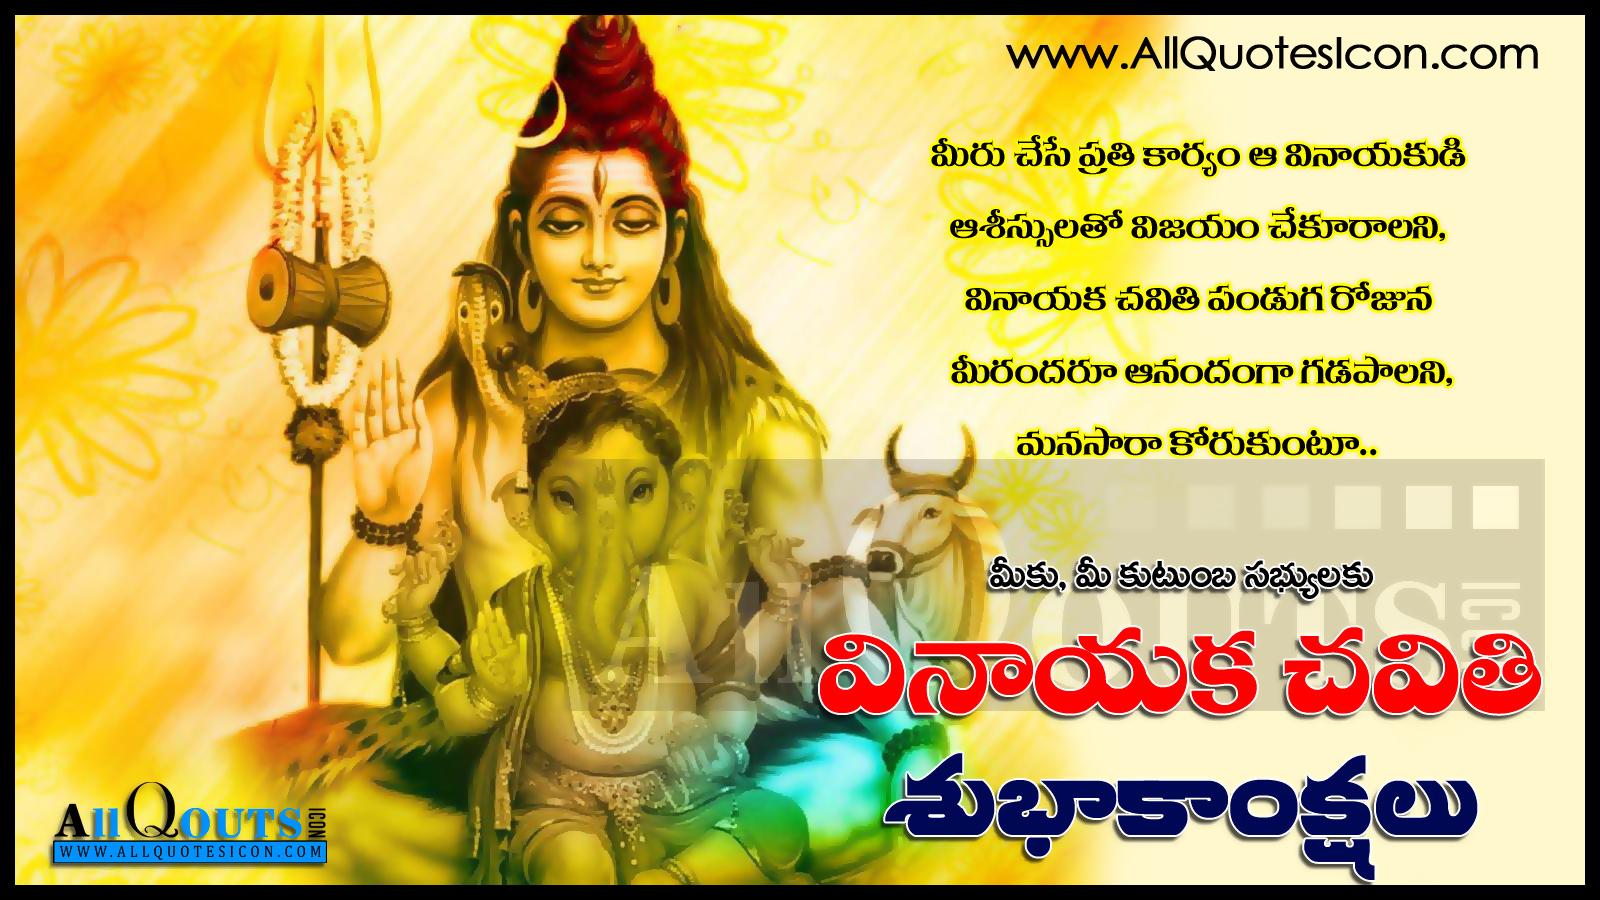 Ganesh chaturthi greetings and wallpaper in telugu quotations www here is vinayaka chavithi 2015 wallpapers in telugubest vinayaka chavithi information in telugu m4hsunfo Gallery